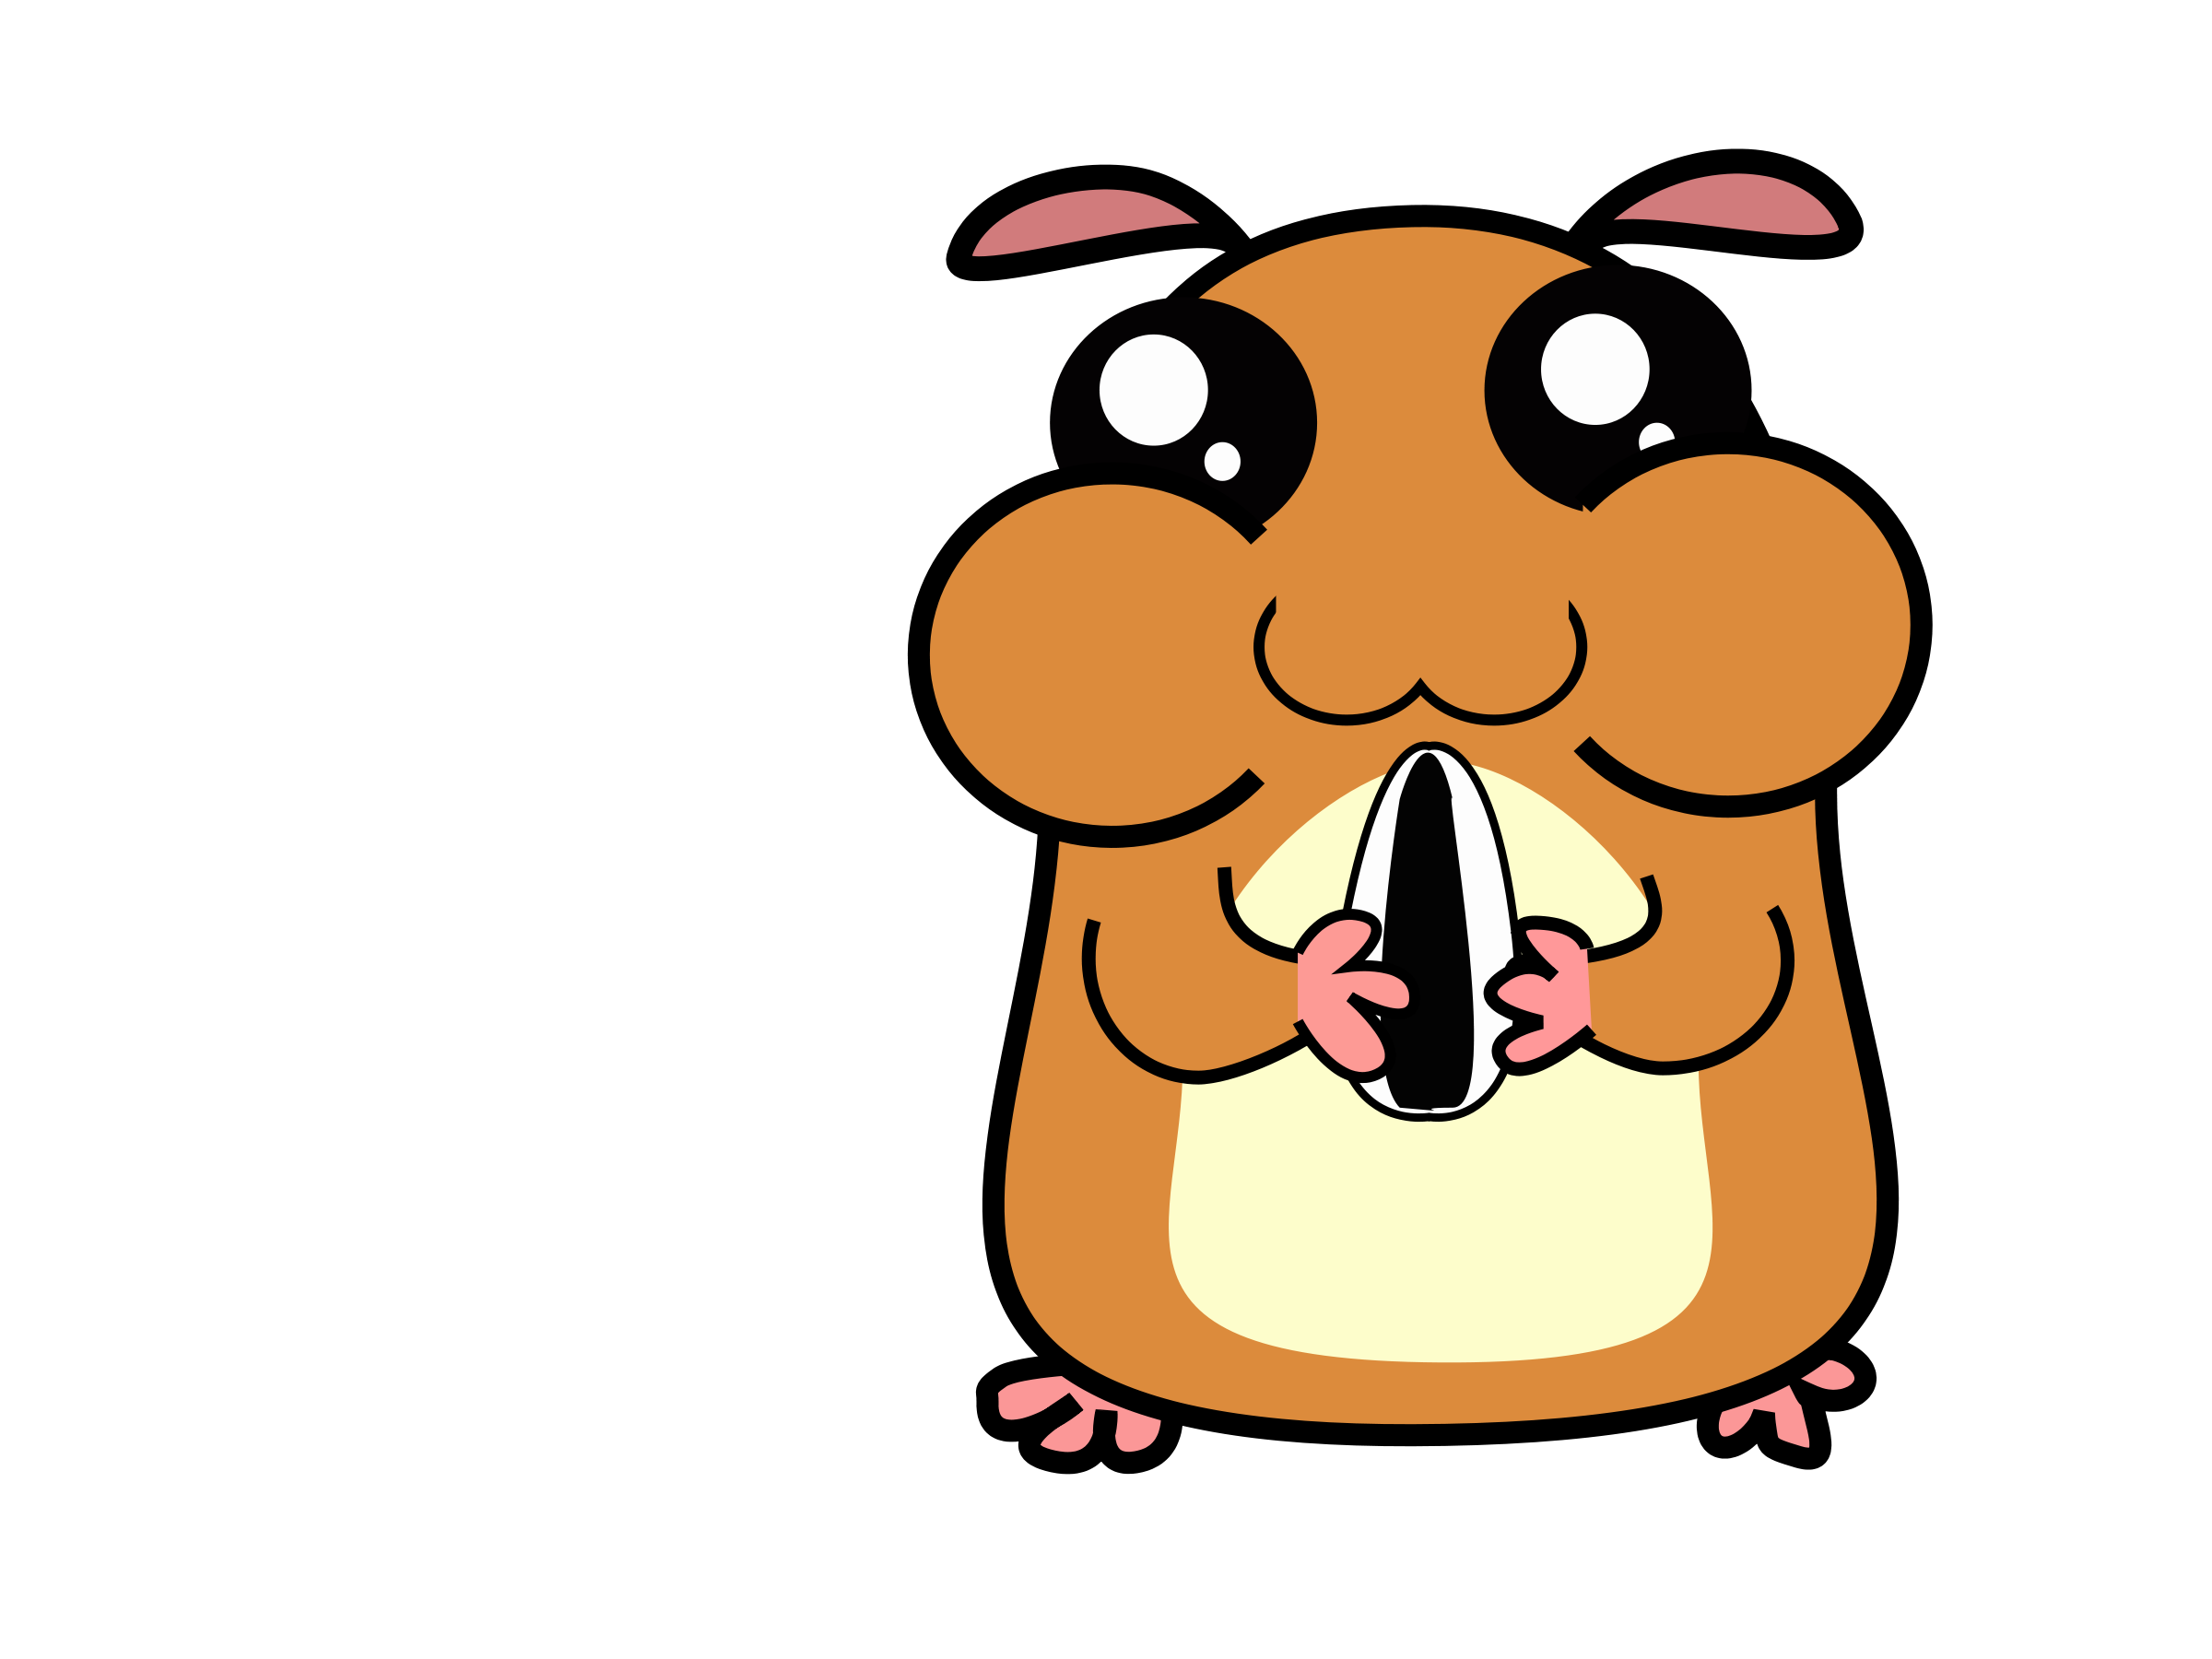 Panda free images clip. Hamster clipart gerbil